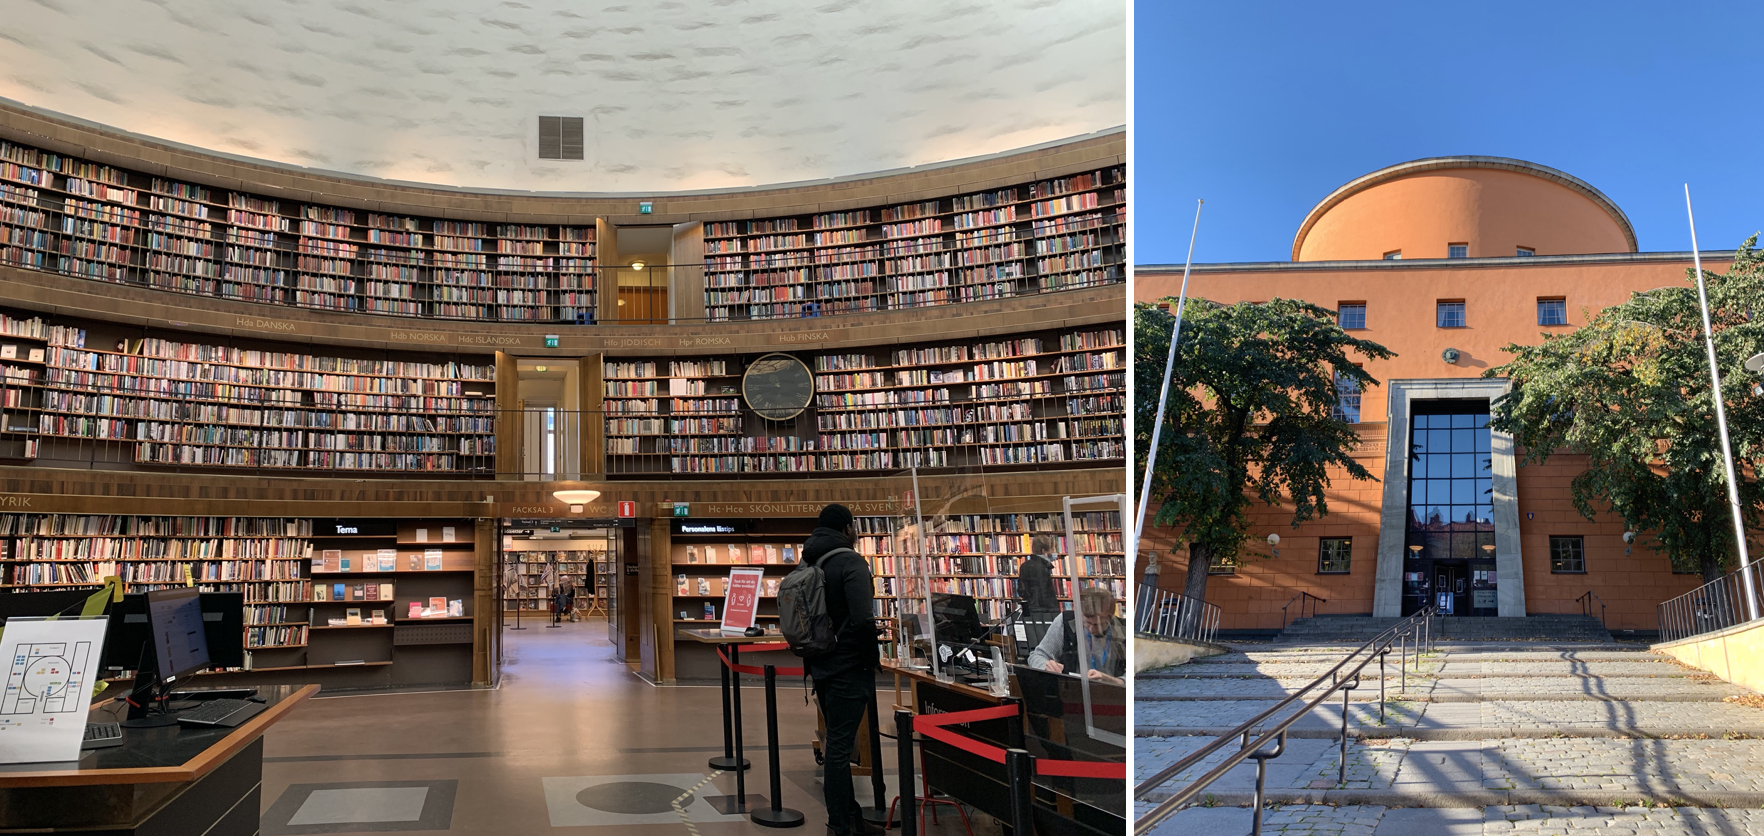 la bibliotheque publique de stockholm